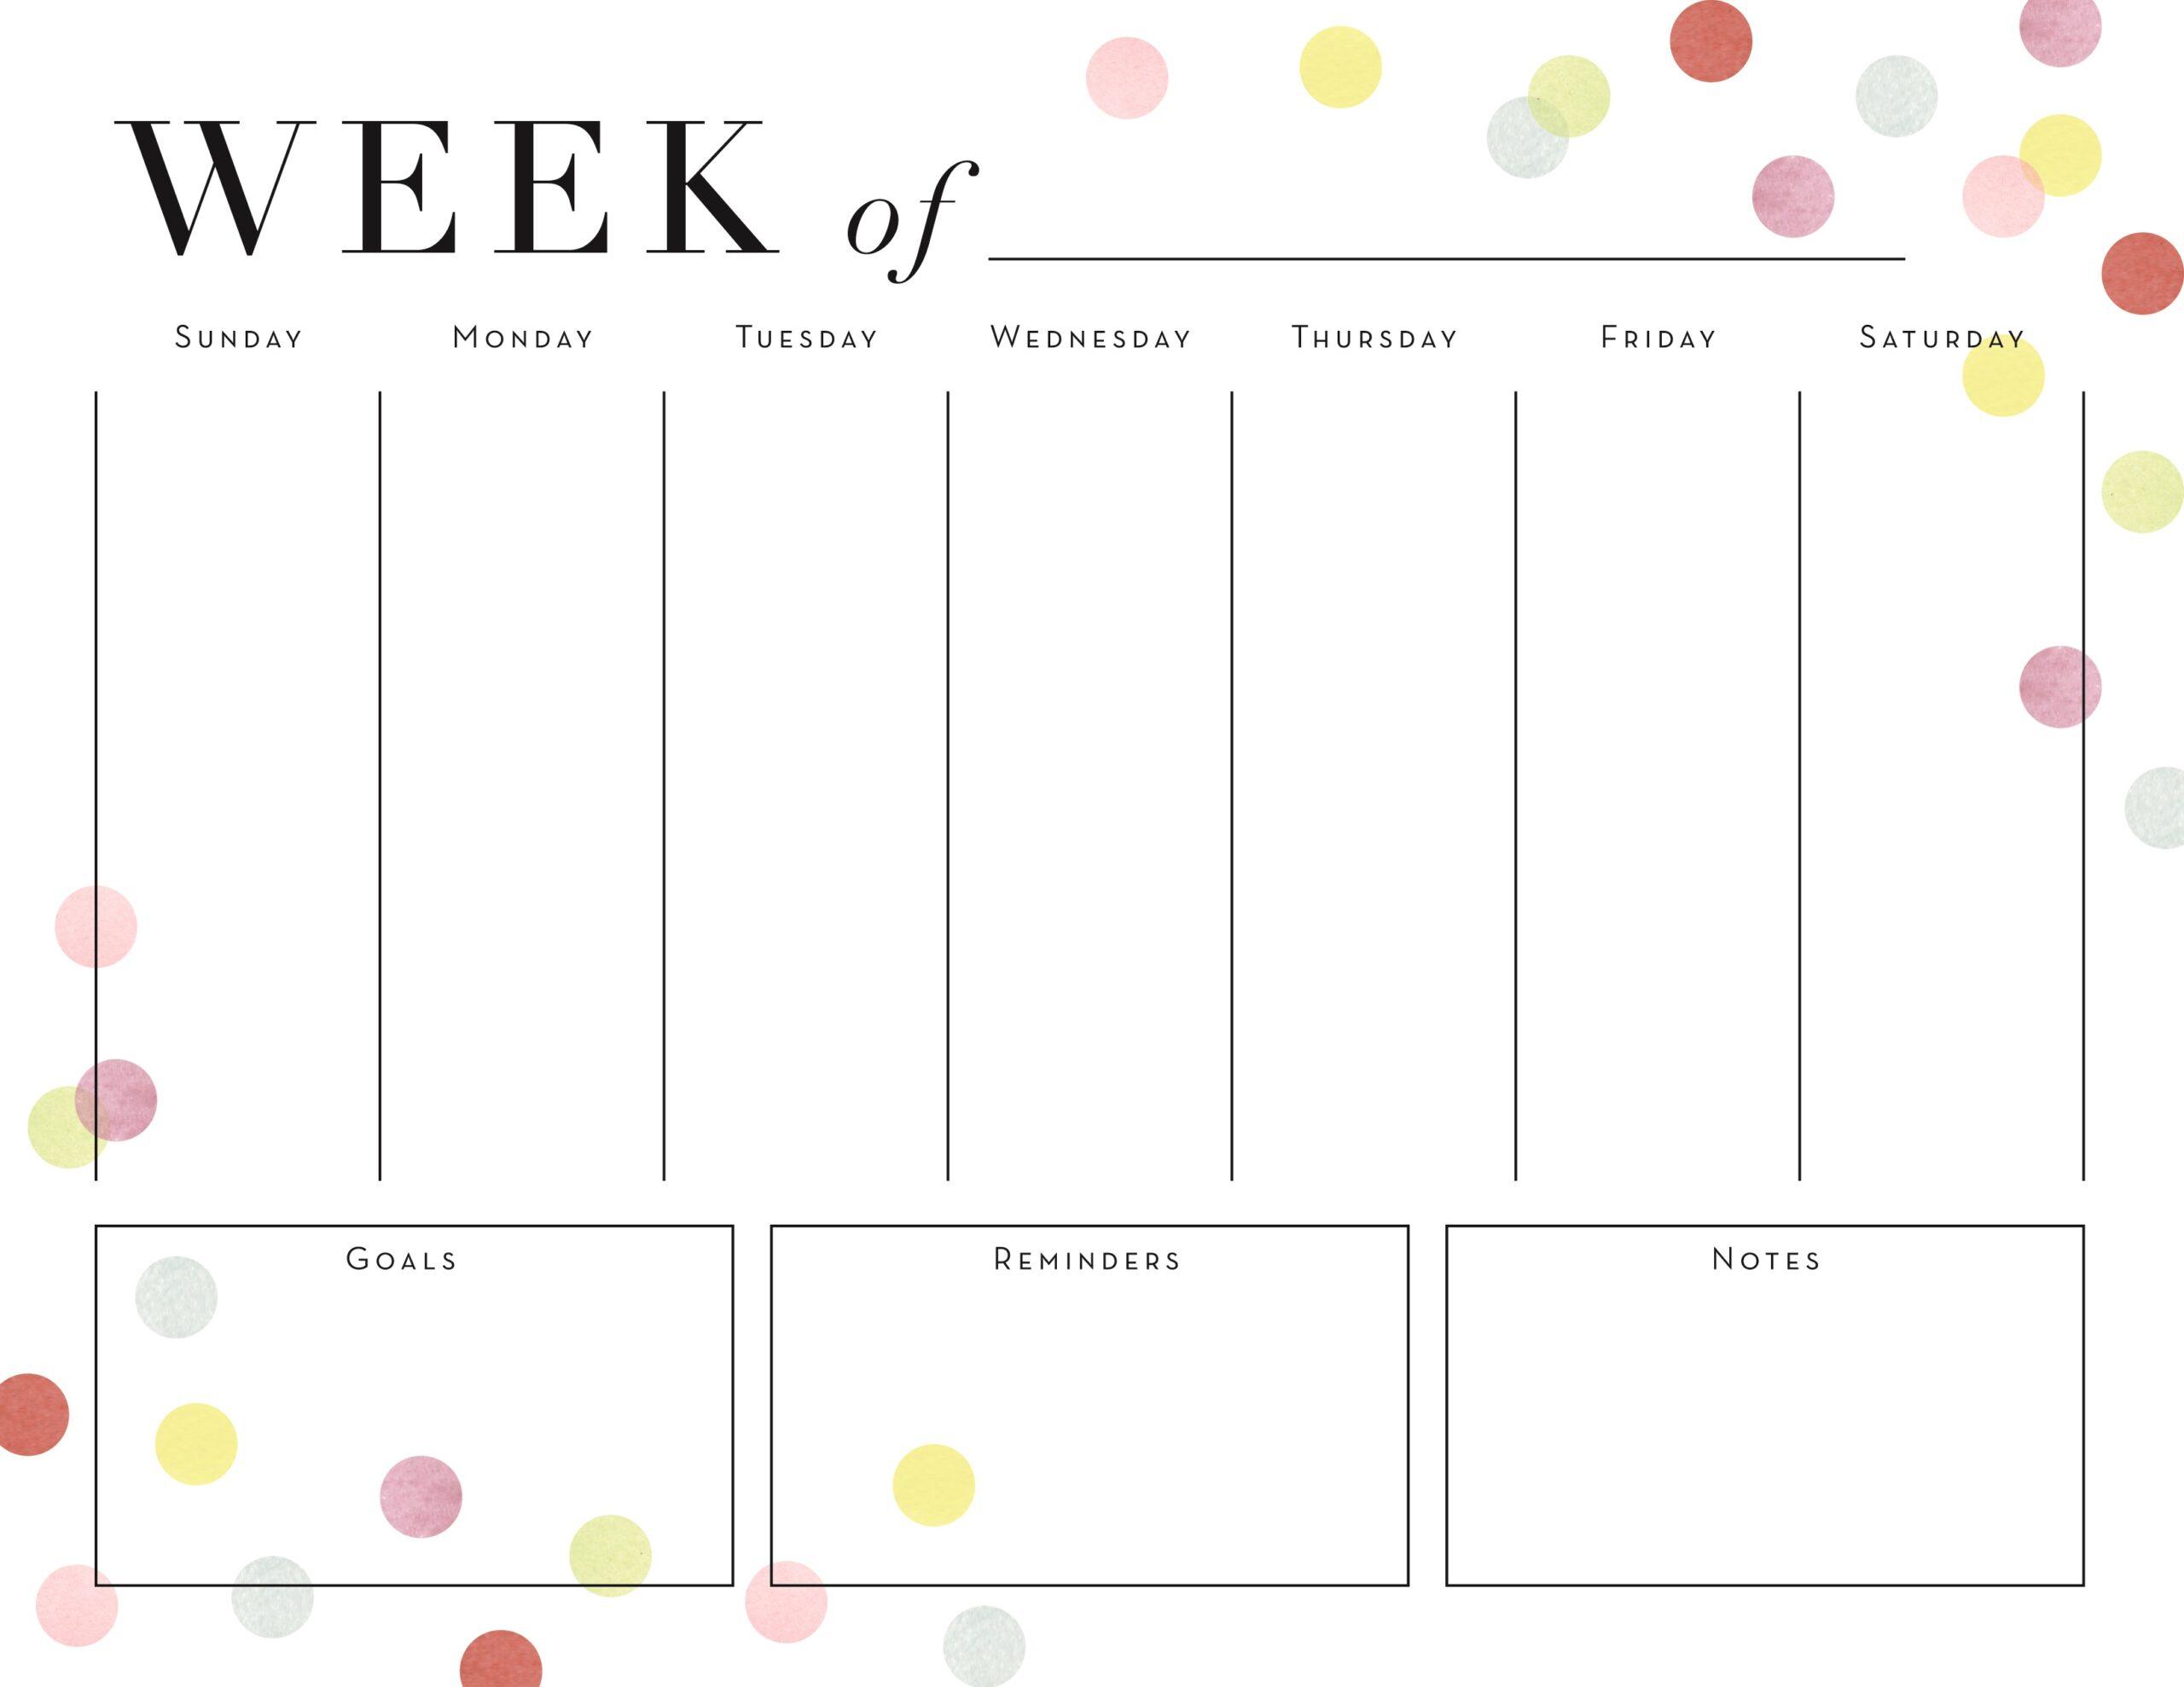 Moms' Weekly Planners Printable